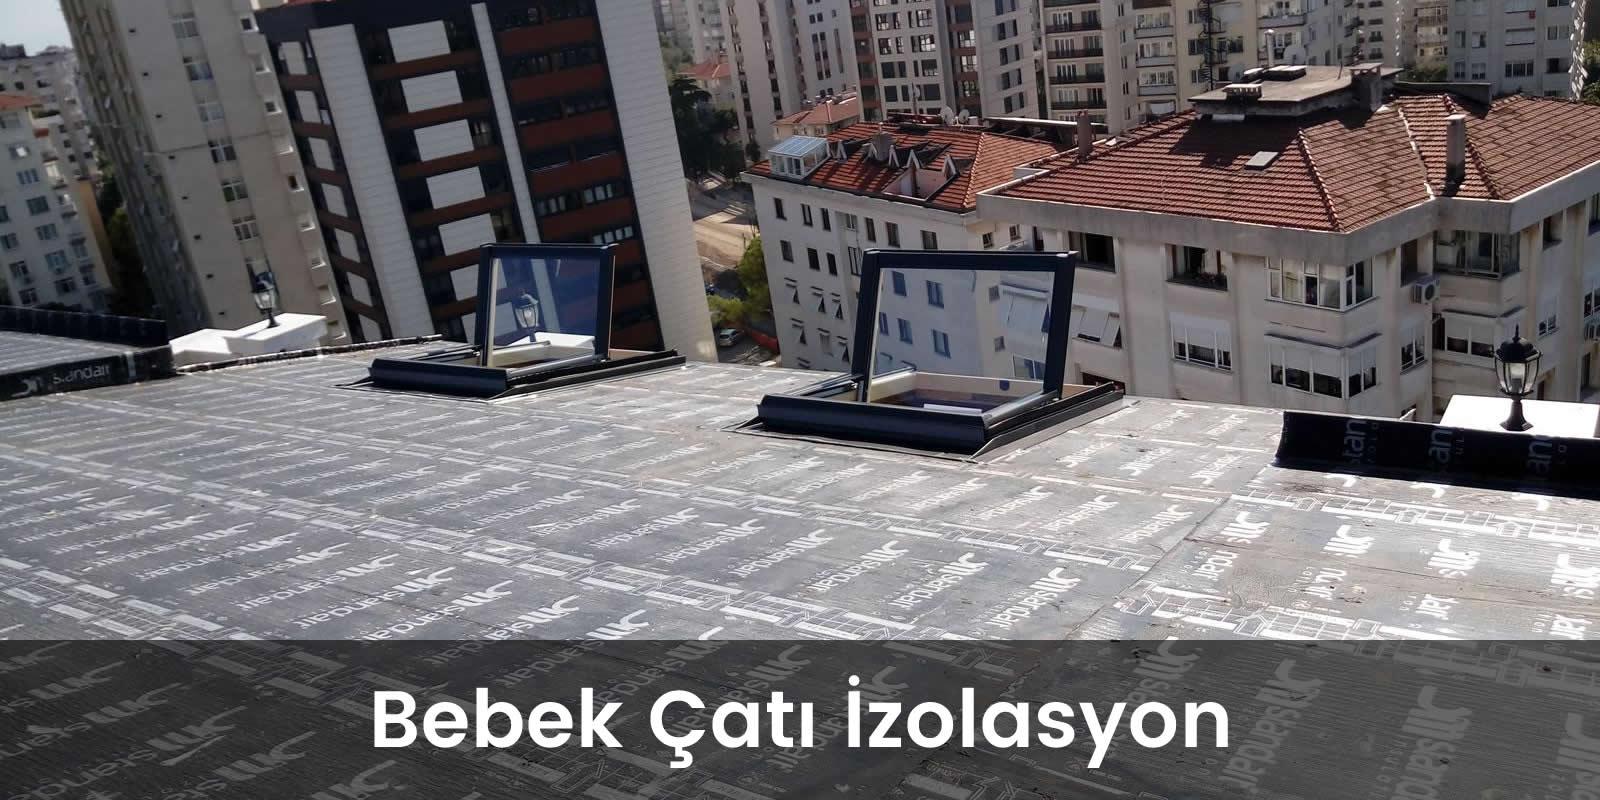 bebek çatı izolasyon